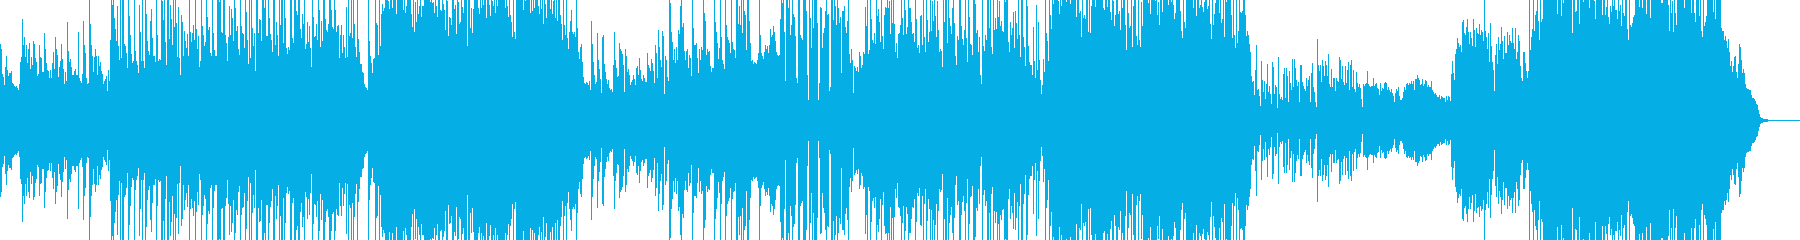 メインが劇的・90年代風バラード 長尺の再生済みの波形